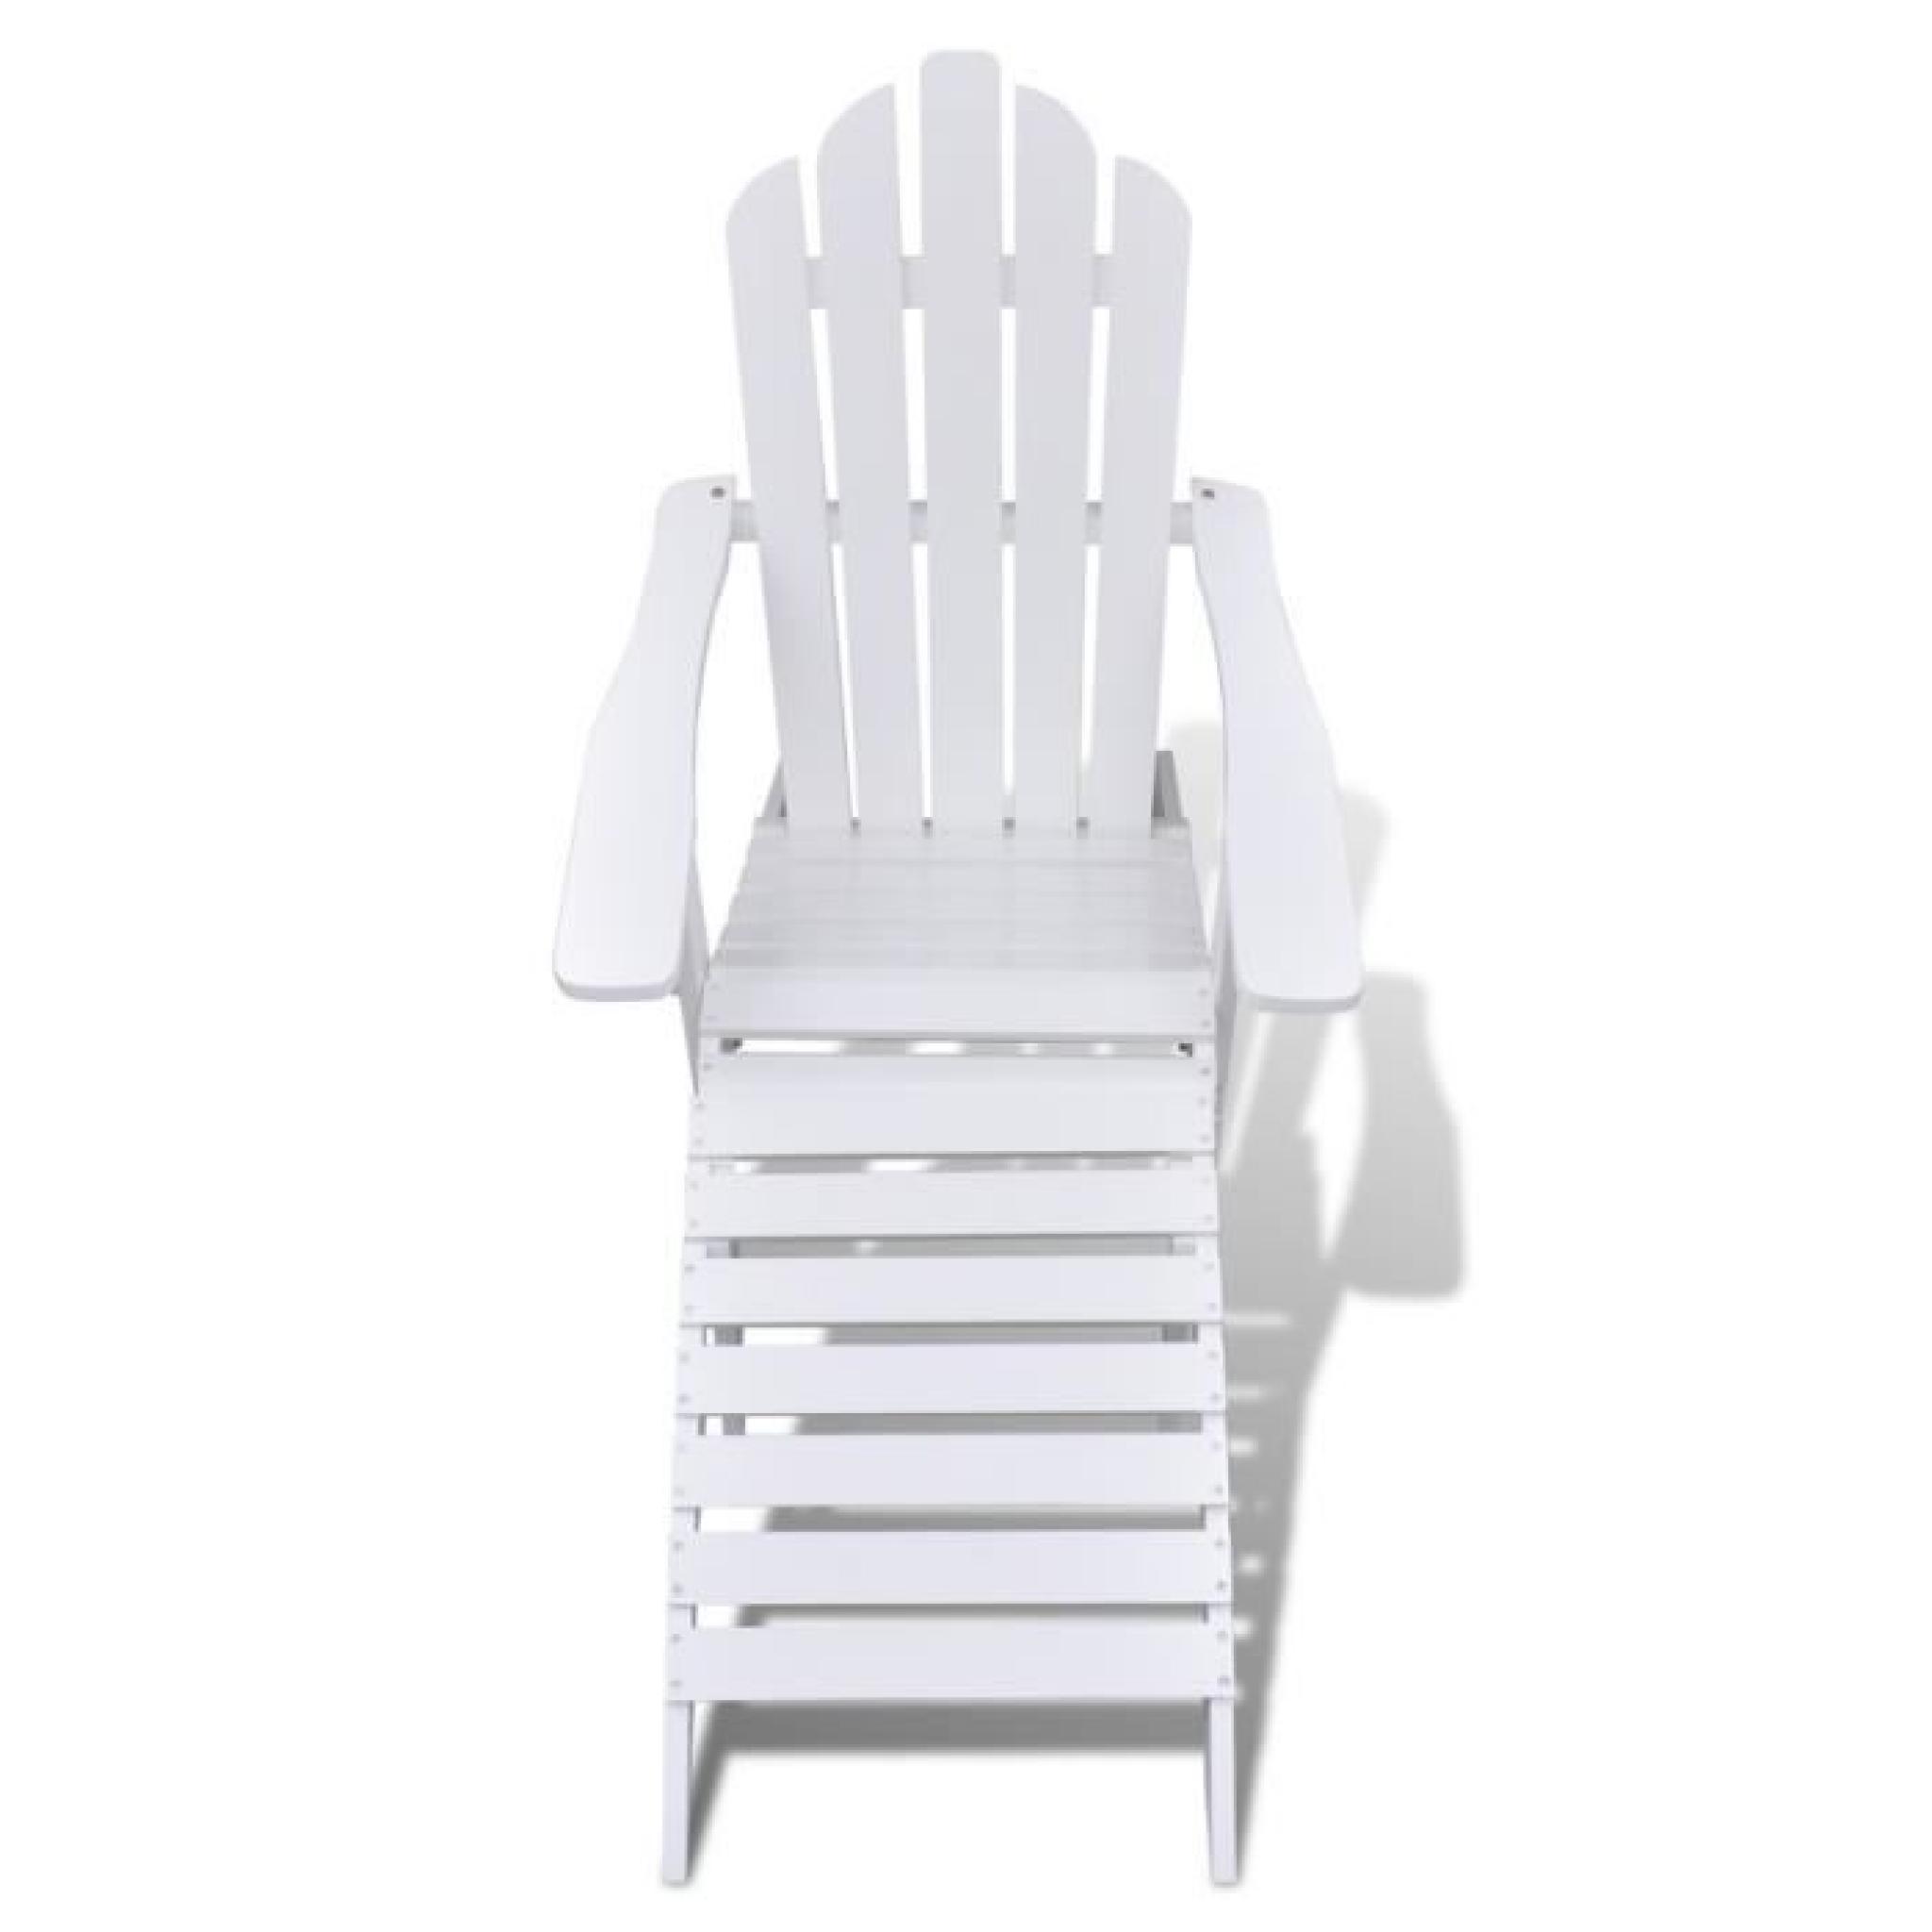 Magnifique Chaise de salon jardin en bois chaise relaxation avec repose-pied